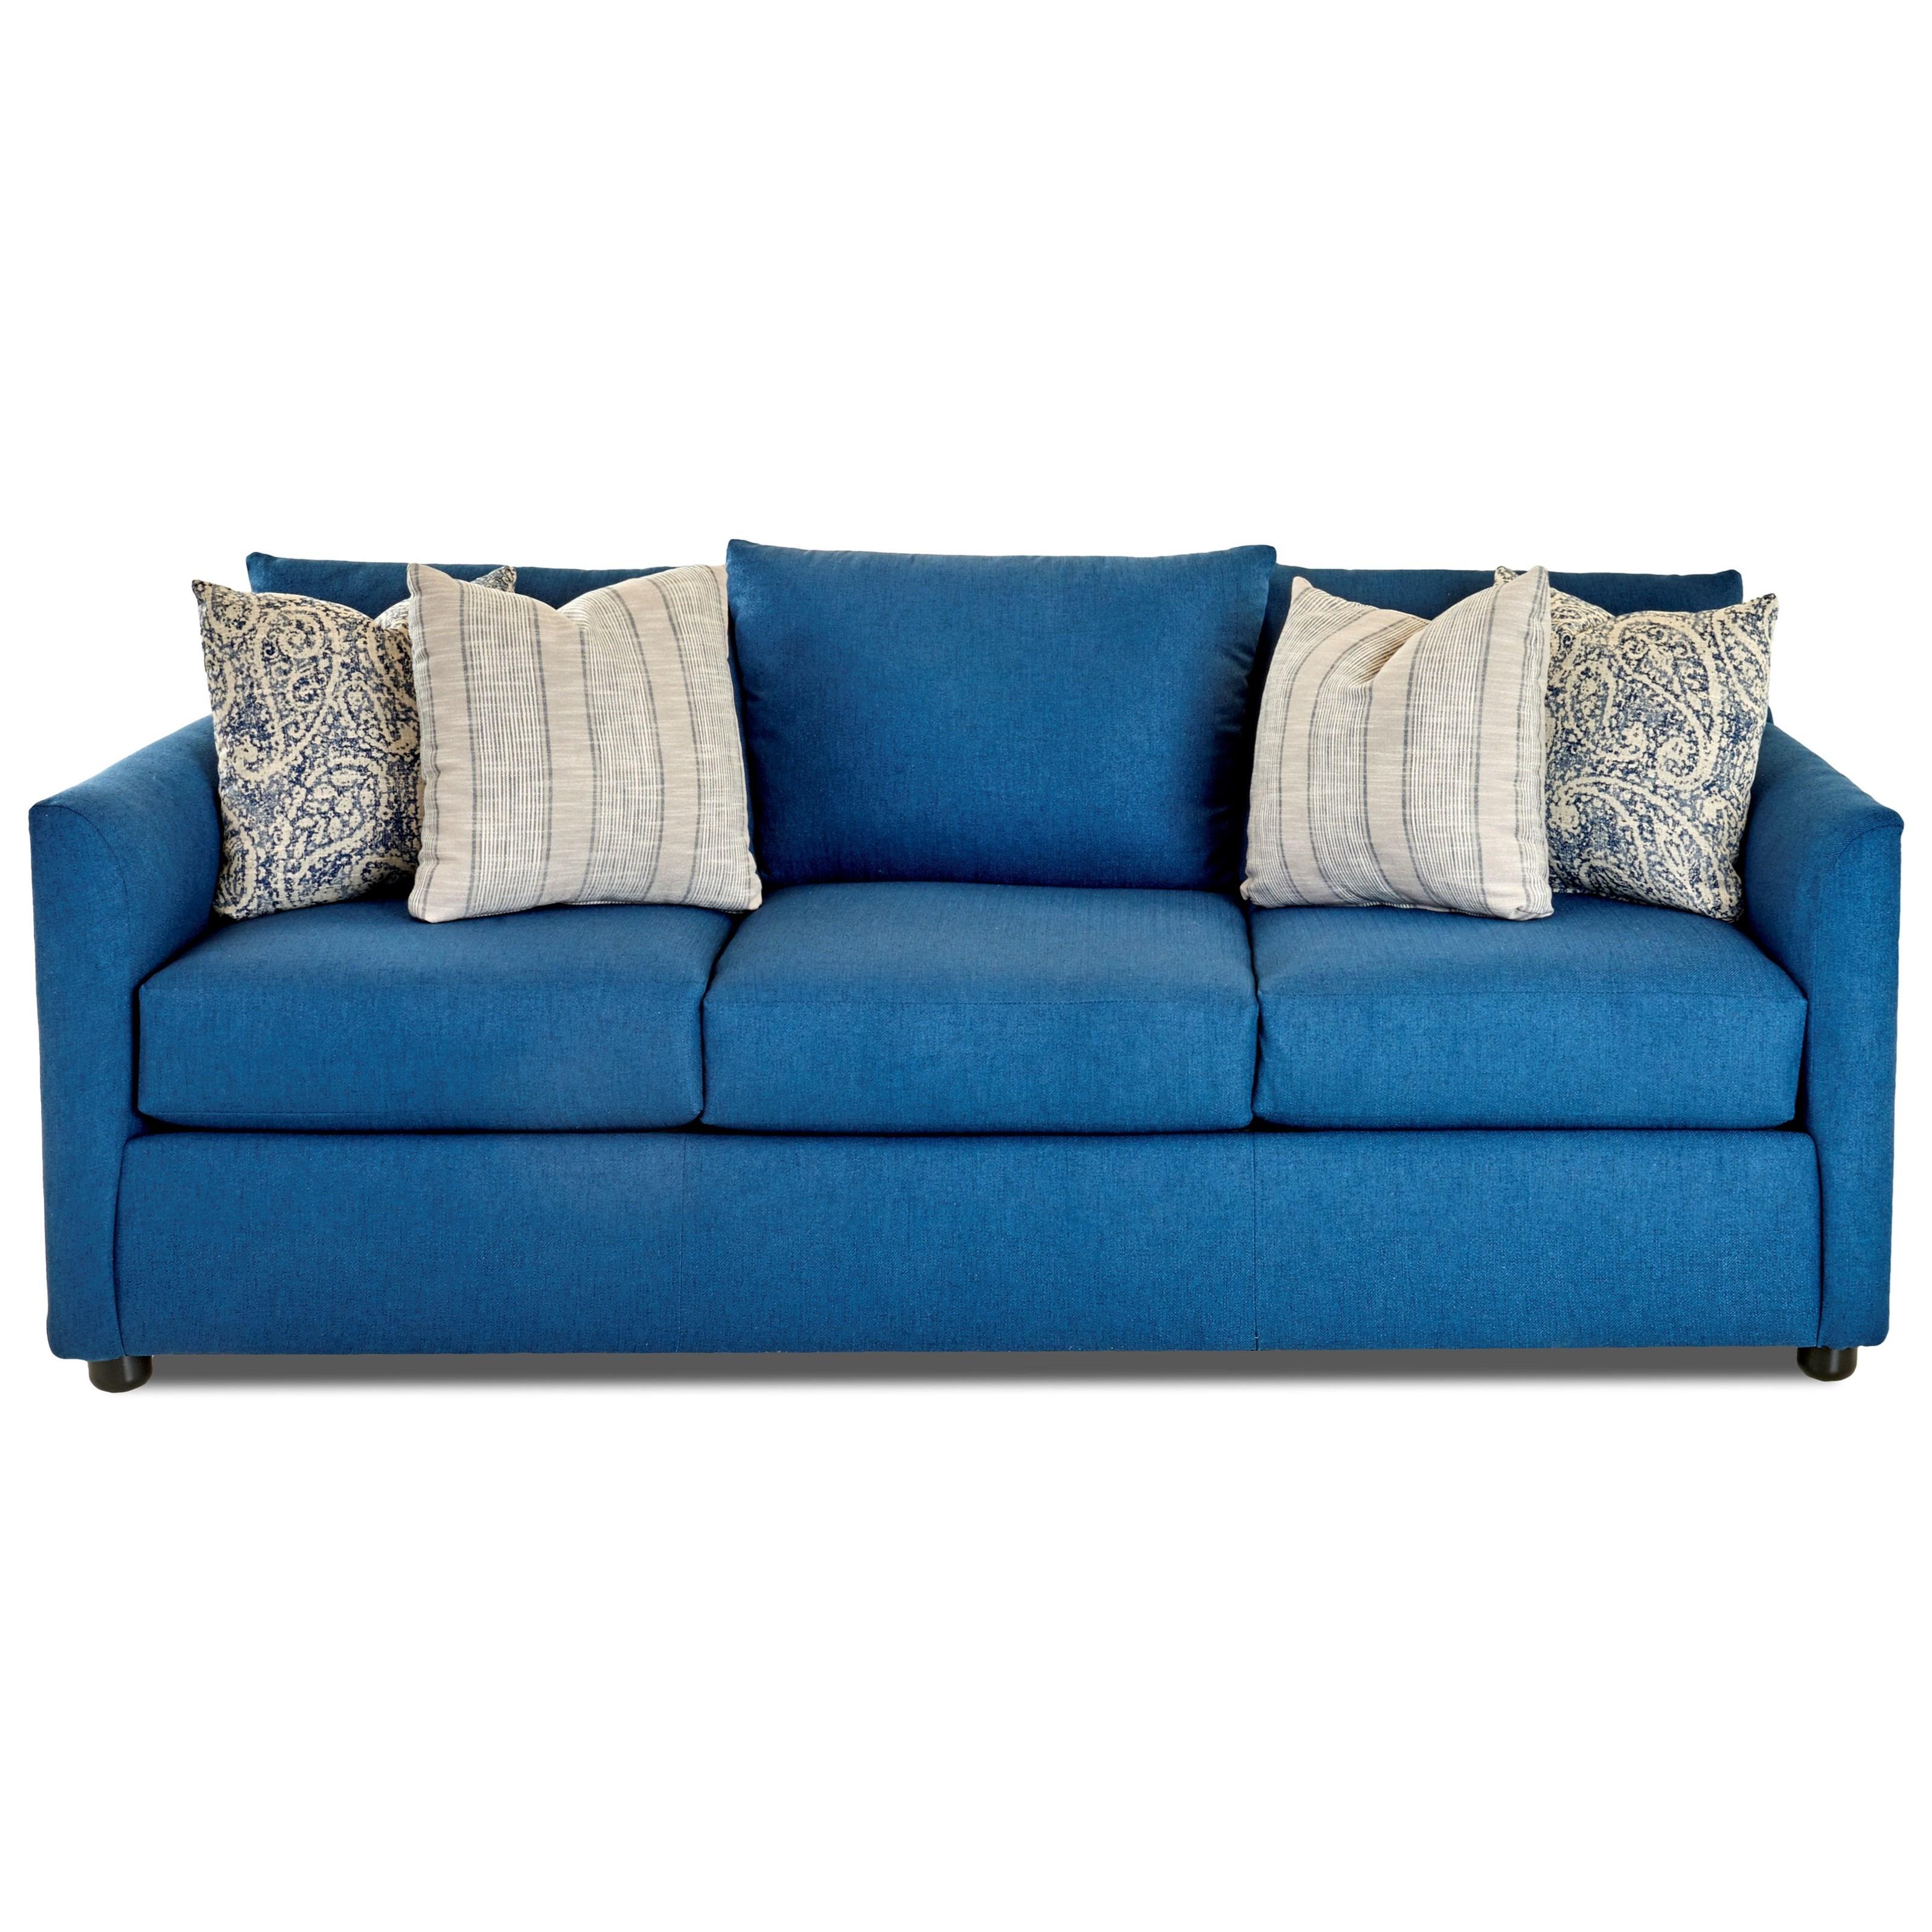 Atlanta Sofa by Klaussner at Value City Furniture